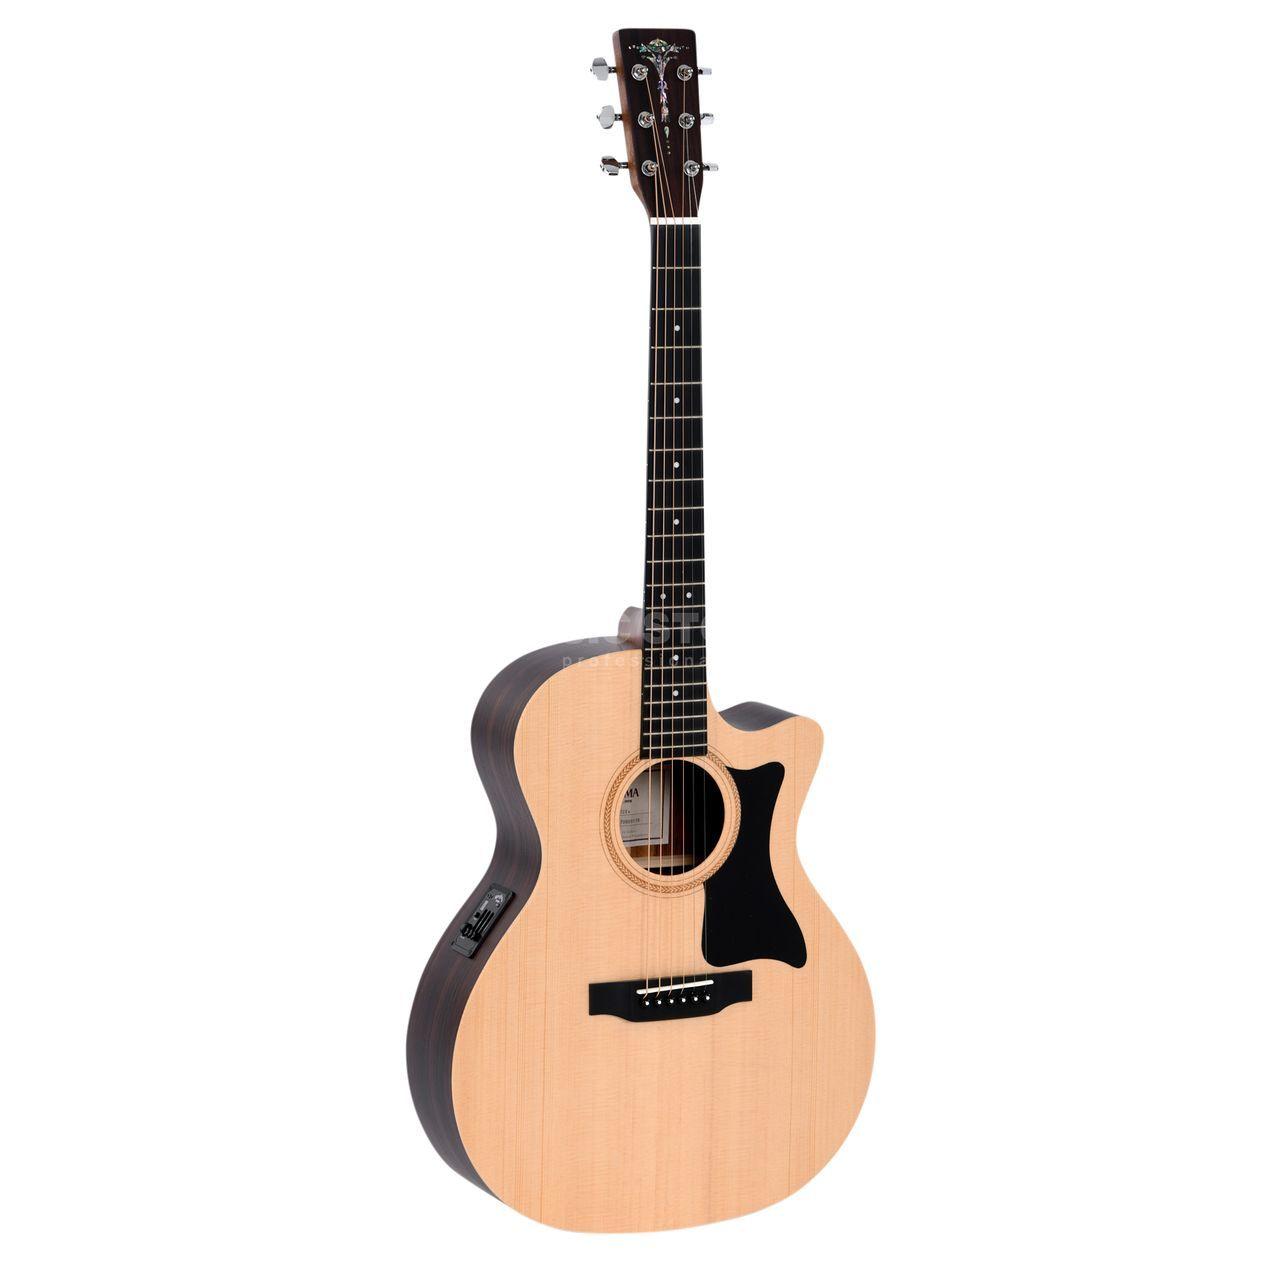 Sigma Guitars GTCE+ Natural - CITES free  | MUSIC STORE professional | ru-RU